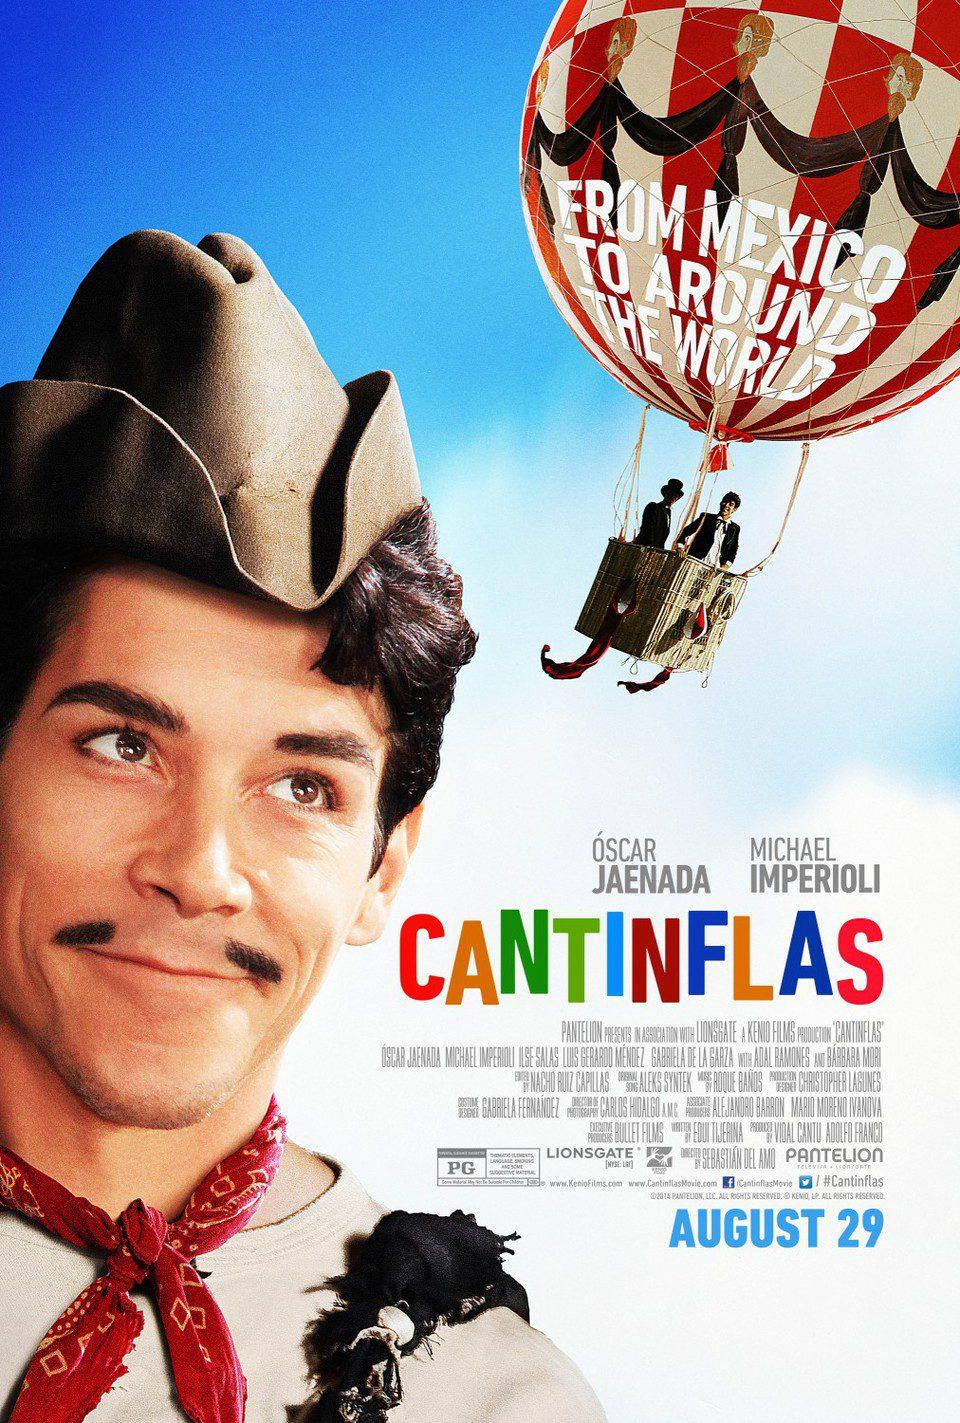 Estados Unidos poster for Cantinflas